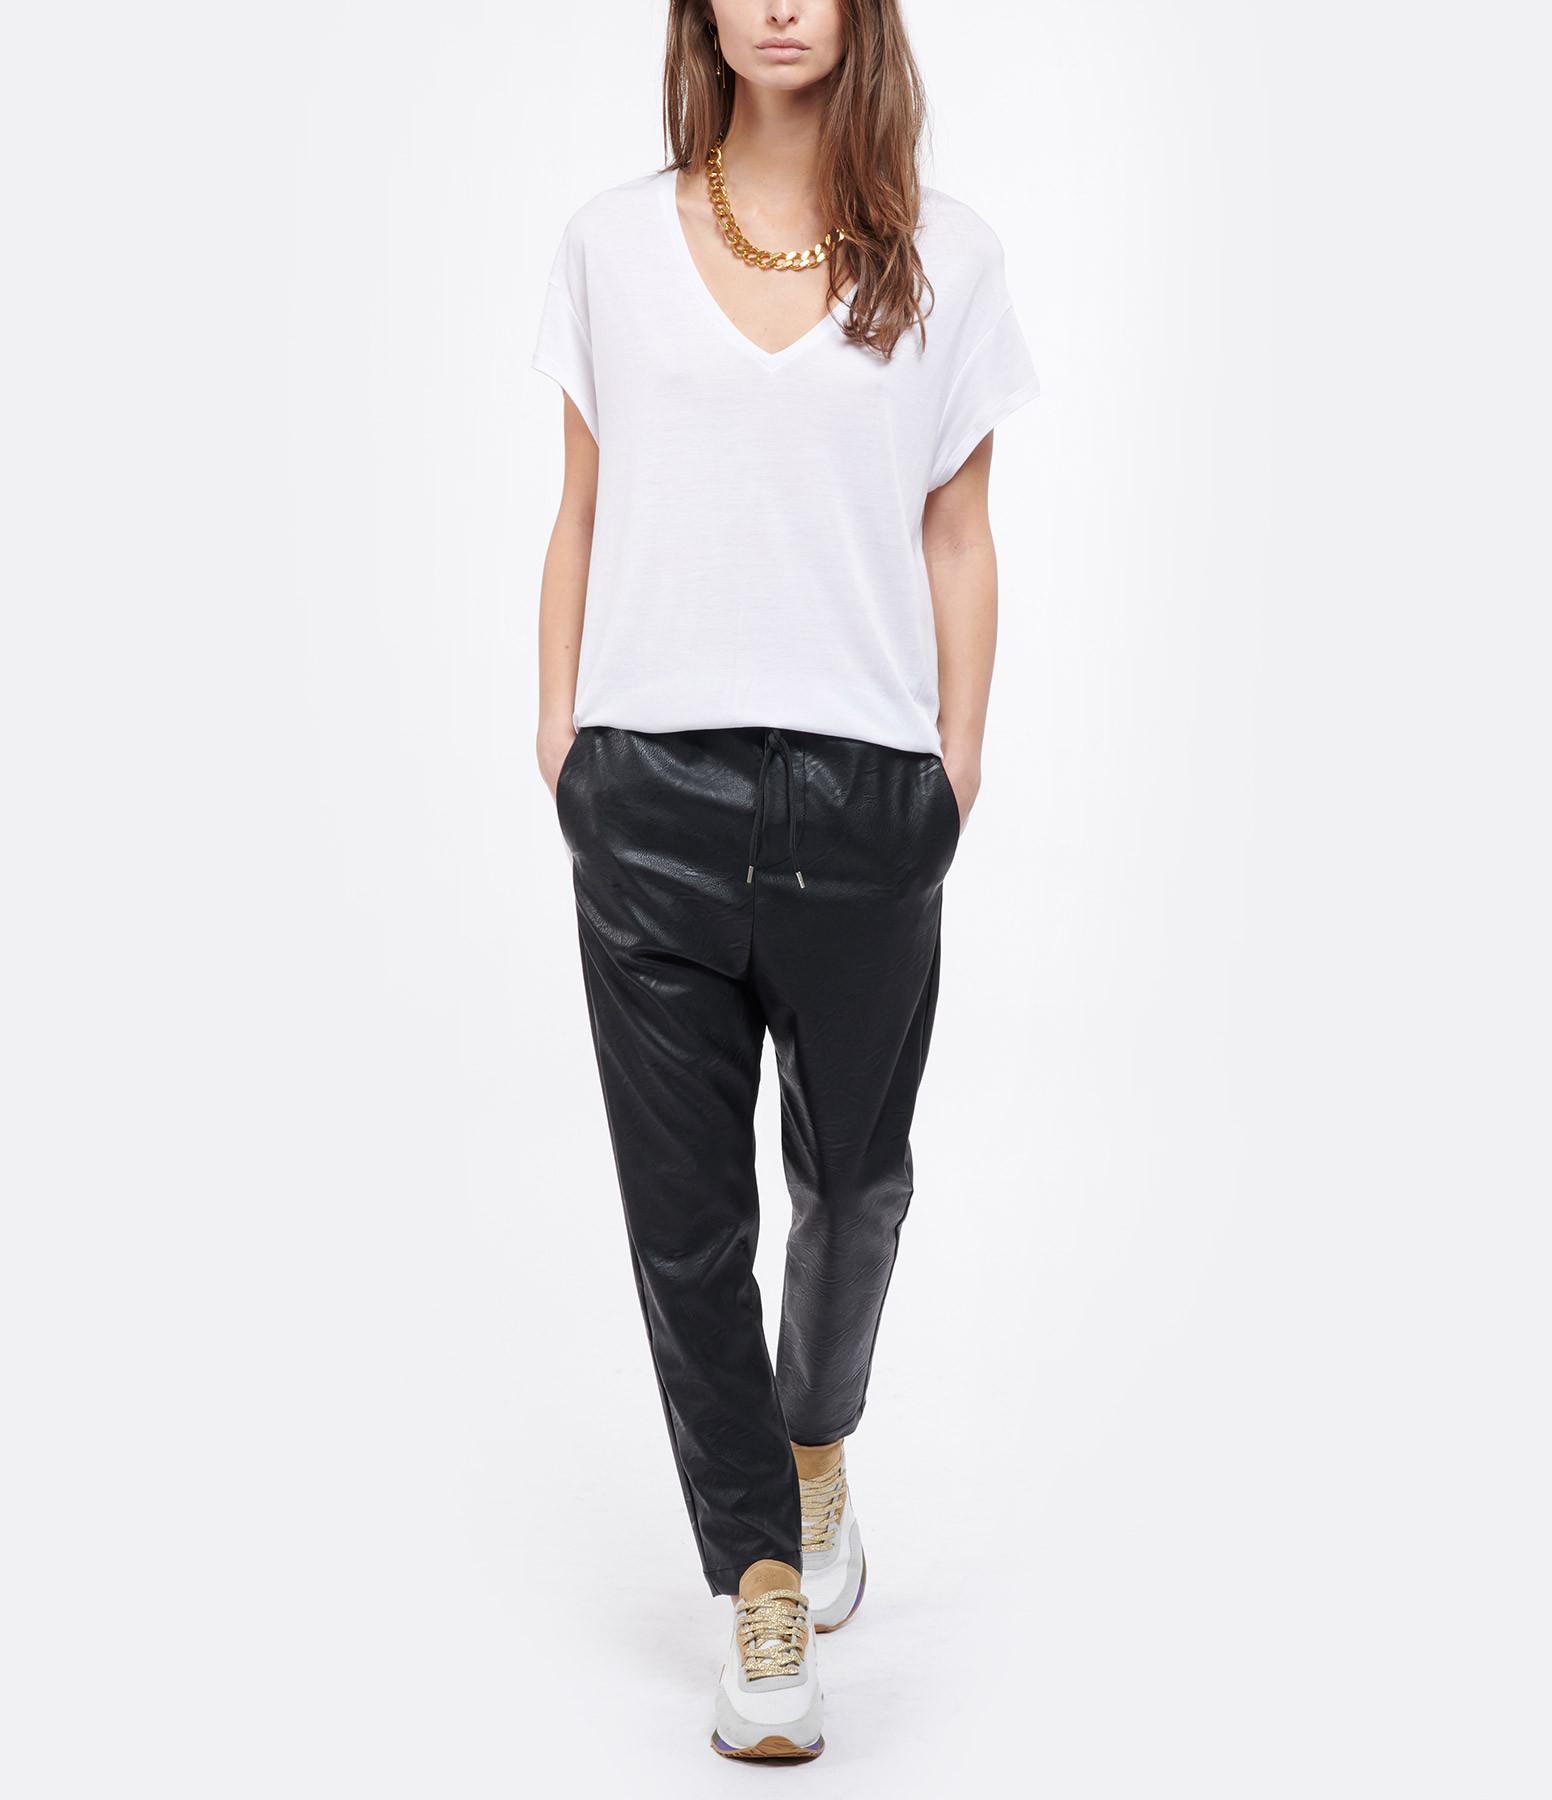 JEANNE VOULAND - Pantalon Earl Jogging Noir